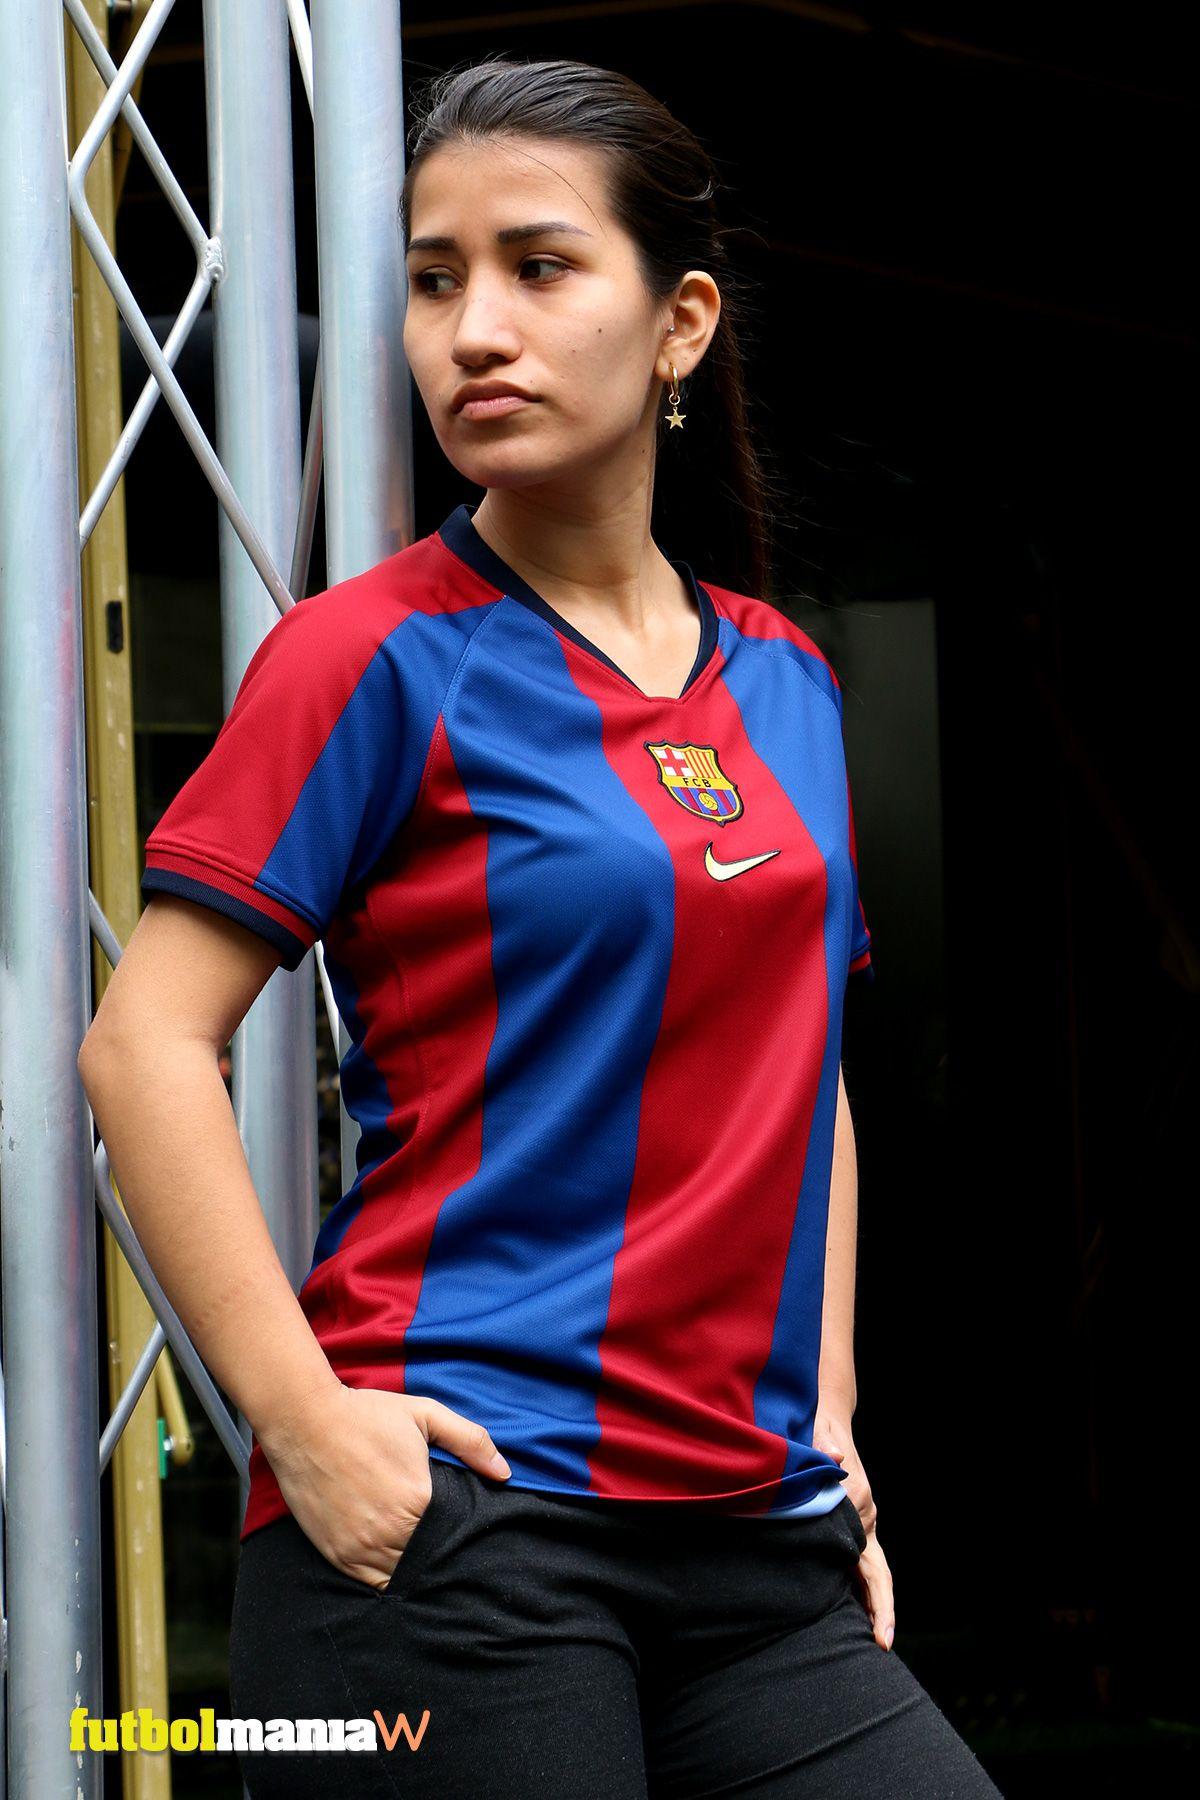 c6d19ae5 Camiseta conmemorativa mujer Nike FC Barcelona El Clásico 1998-1999 -  azulgrana. Diseño inspirado